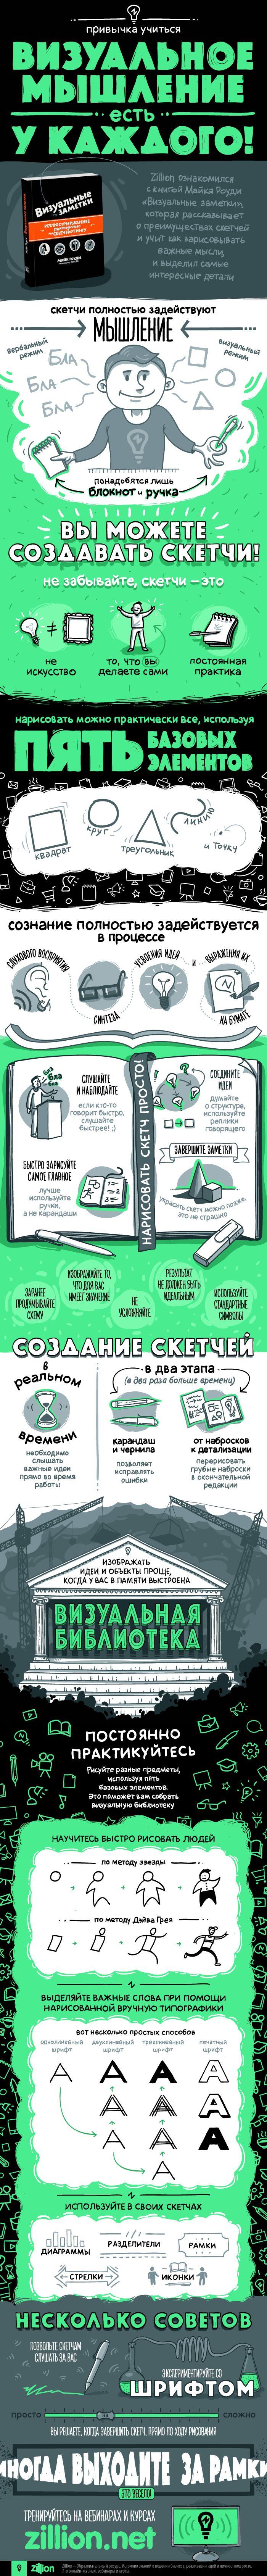 http://zillion.net/ru/blog/561/skietchnoutingh-vizual-noie-myshlieniie-iest-u-kazhdogho Скетчноутинг – актуальное направление визуализации. Это иллюстрированные заметки с персонажами, цитатами, стрелками и другими элементами, помогающие структурировать, запомнить и осмыслить информацию. Как развить свое визуальное мышление и освоить скетчноутинг, сейчас покажем.